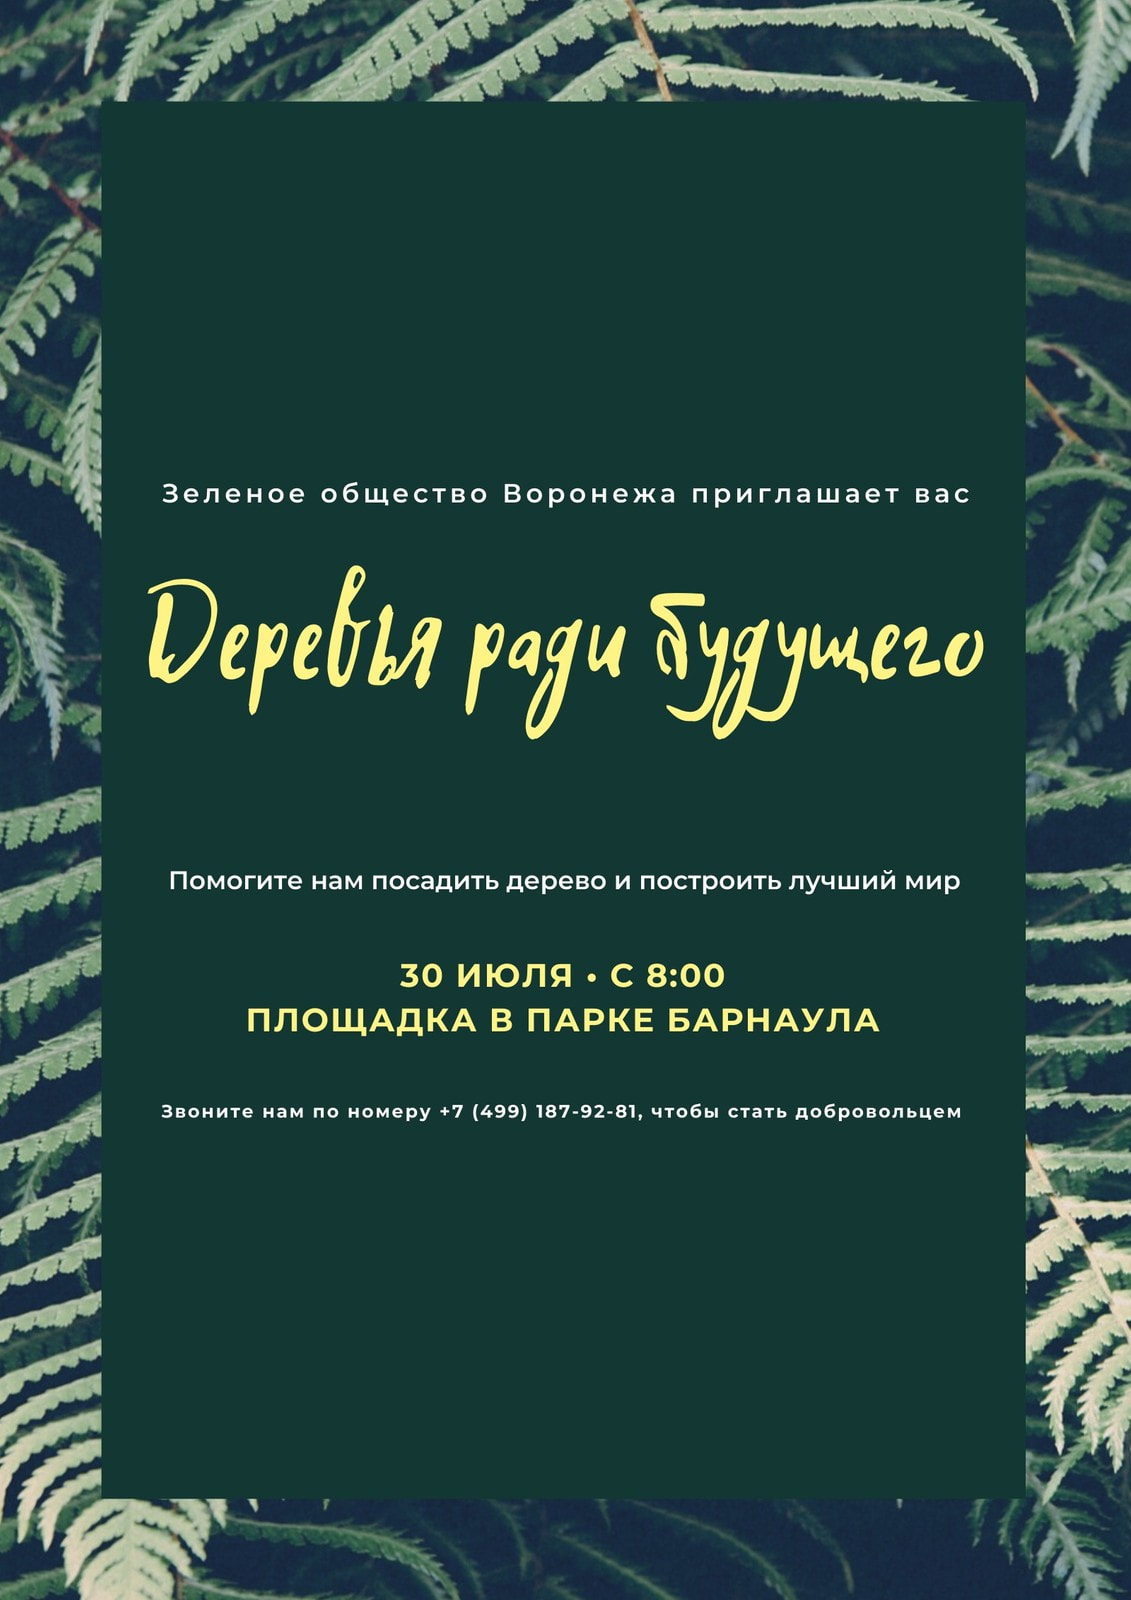 Зеленый Природа Фото Защита окружающей среды Плакат